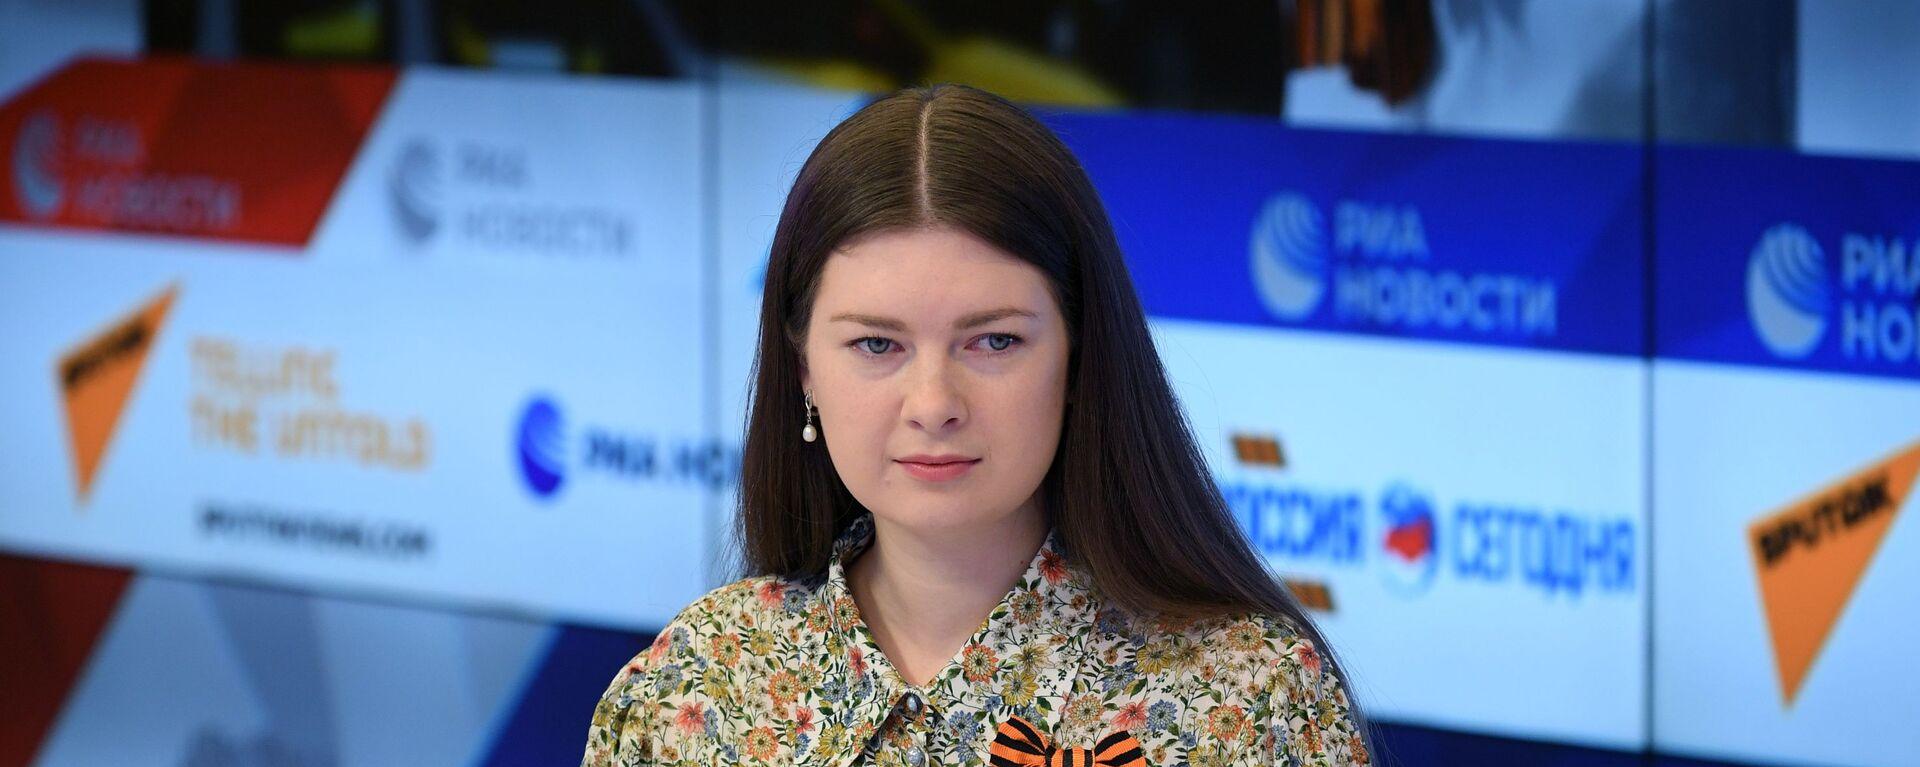 Пресс-конференция, посвященная началу акции Георгиевская ленточка - Sputnik Latvija, 1920, 28.04.2021